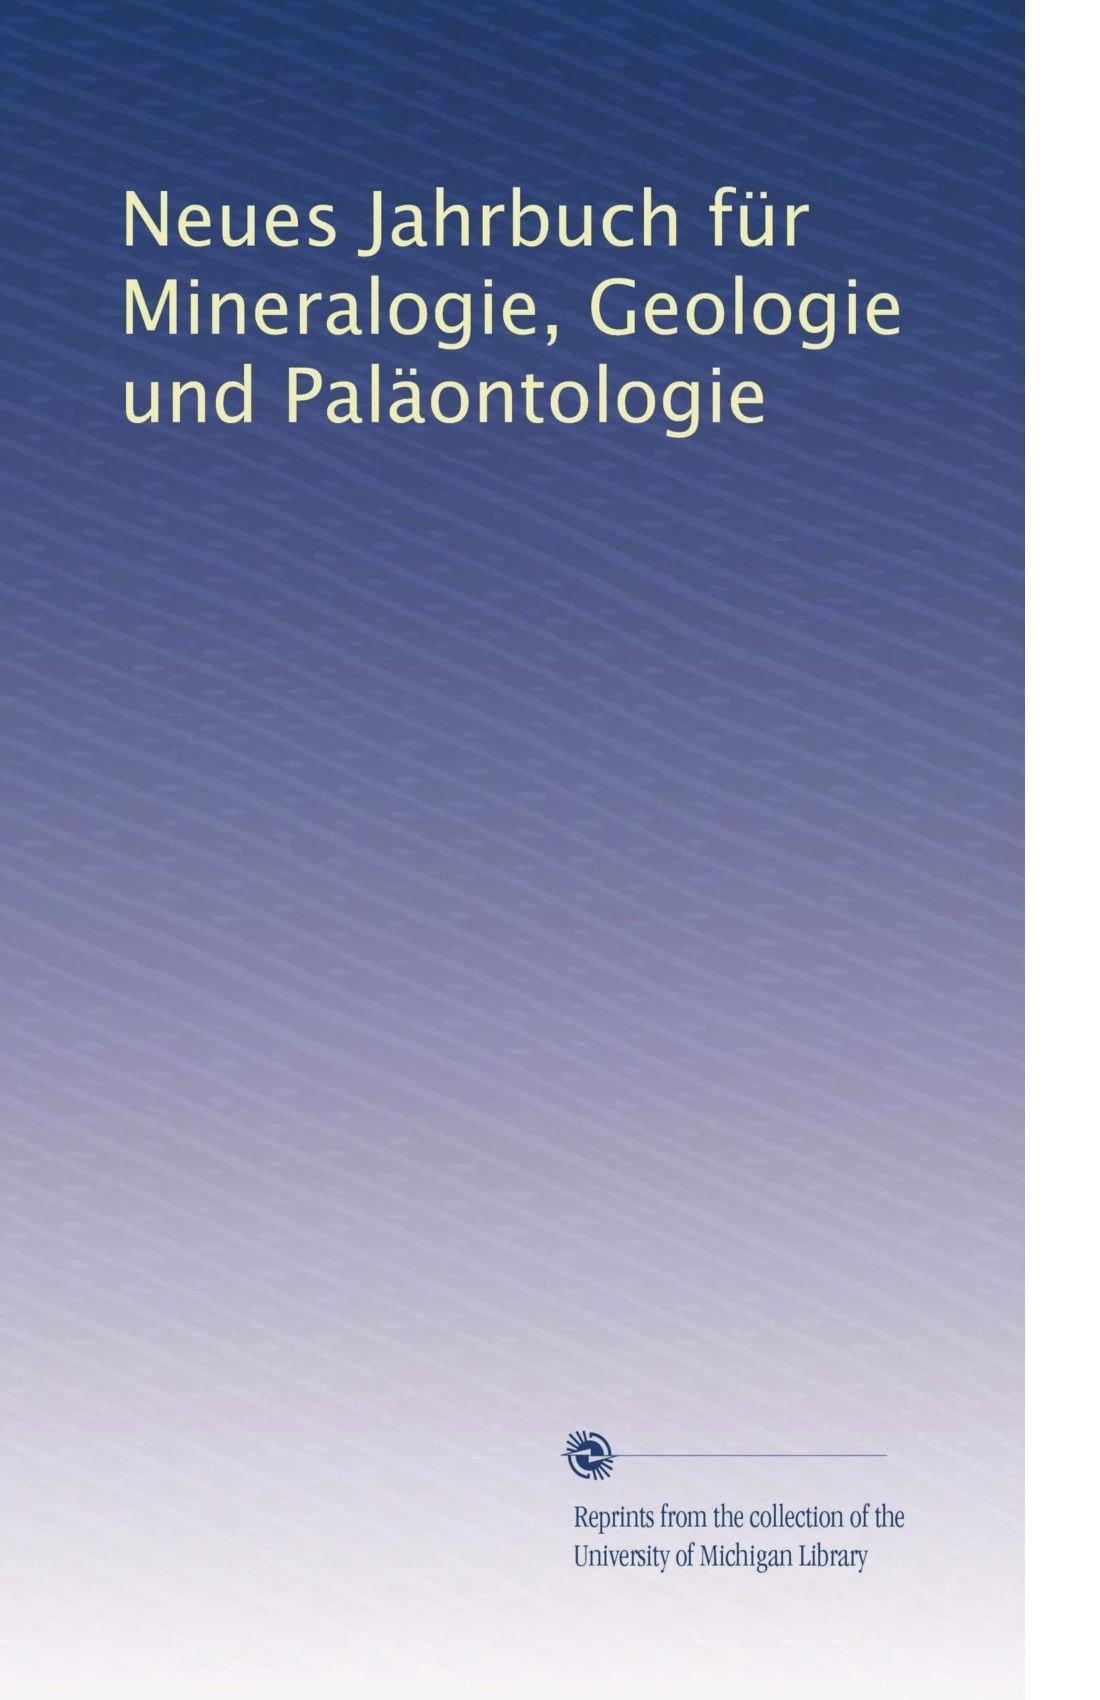 Read Online Neues Jahrbuch für Mineralogie, Geologie und Paläontologie (German Edition) pdf epub